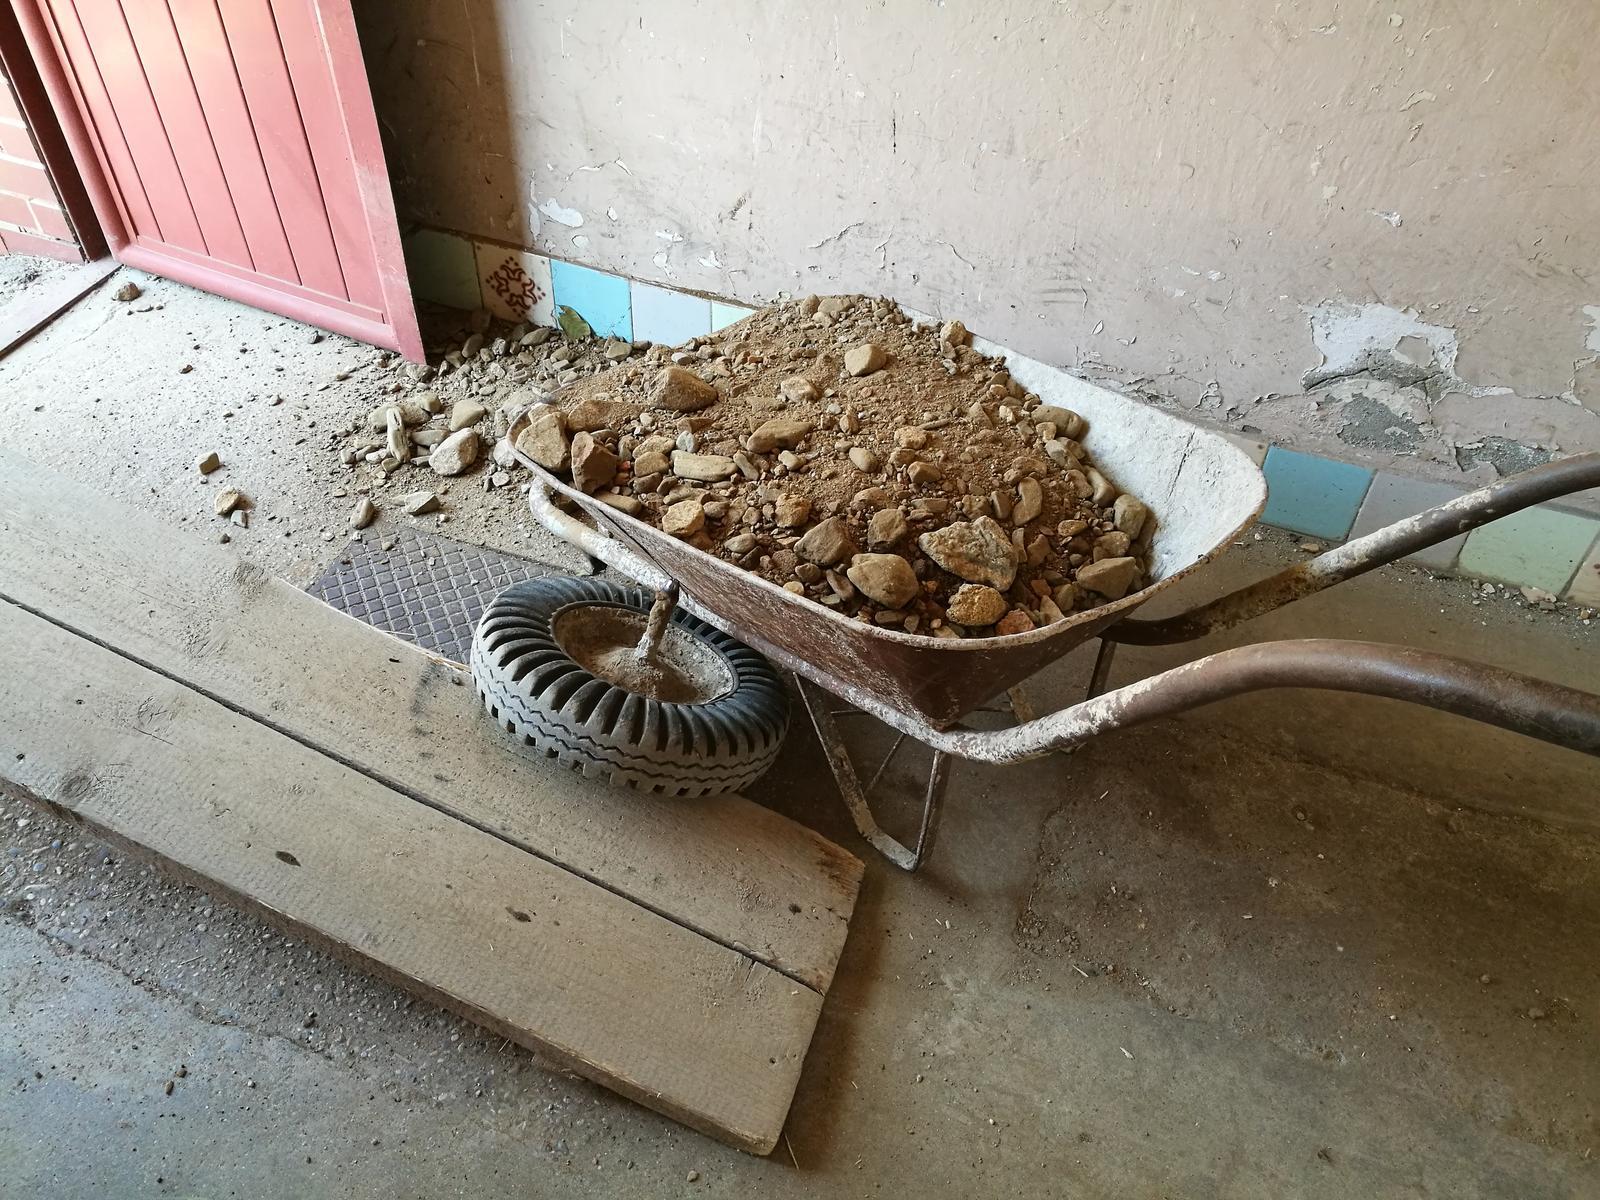 Náš budúci domov - rekonštrukcia rodinného domu - Koliesko sa zlomilo